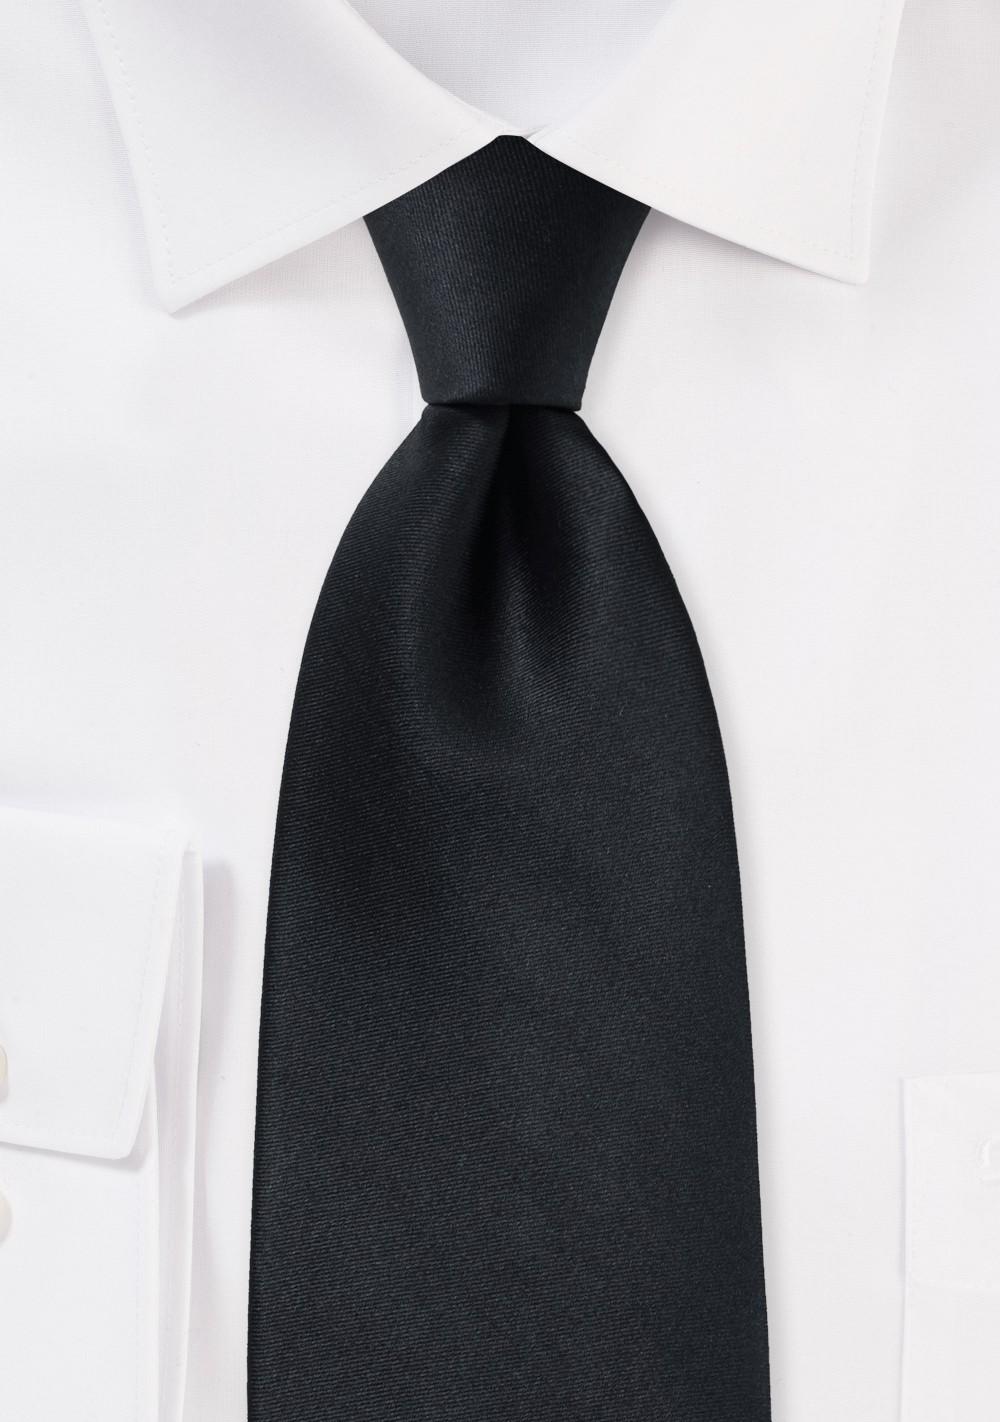 Solid Black Silk Necktie in XXL